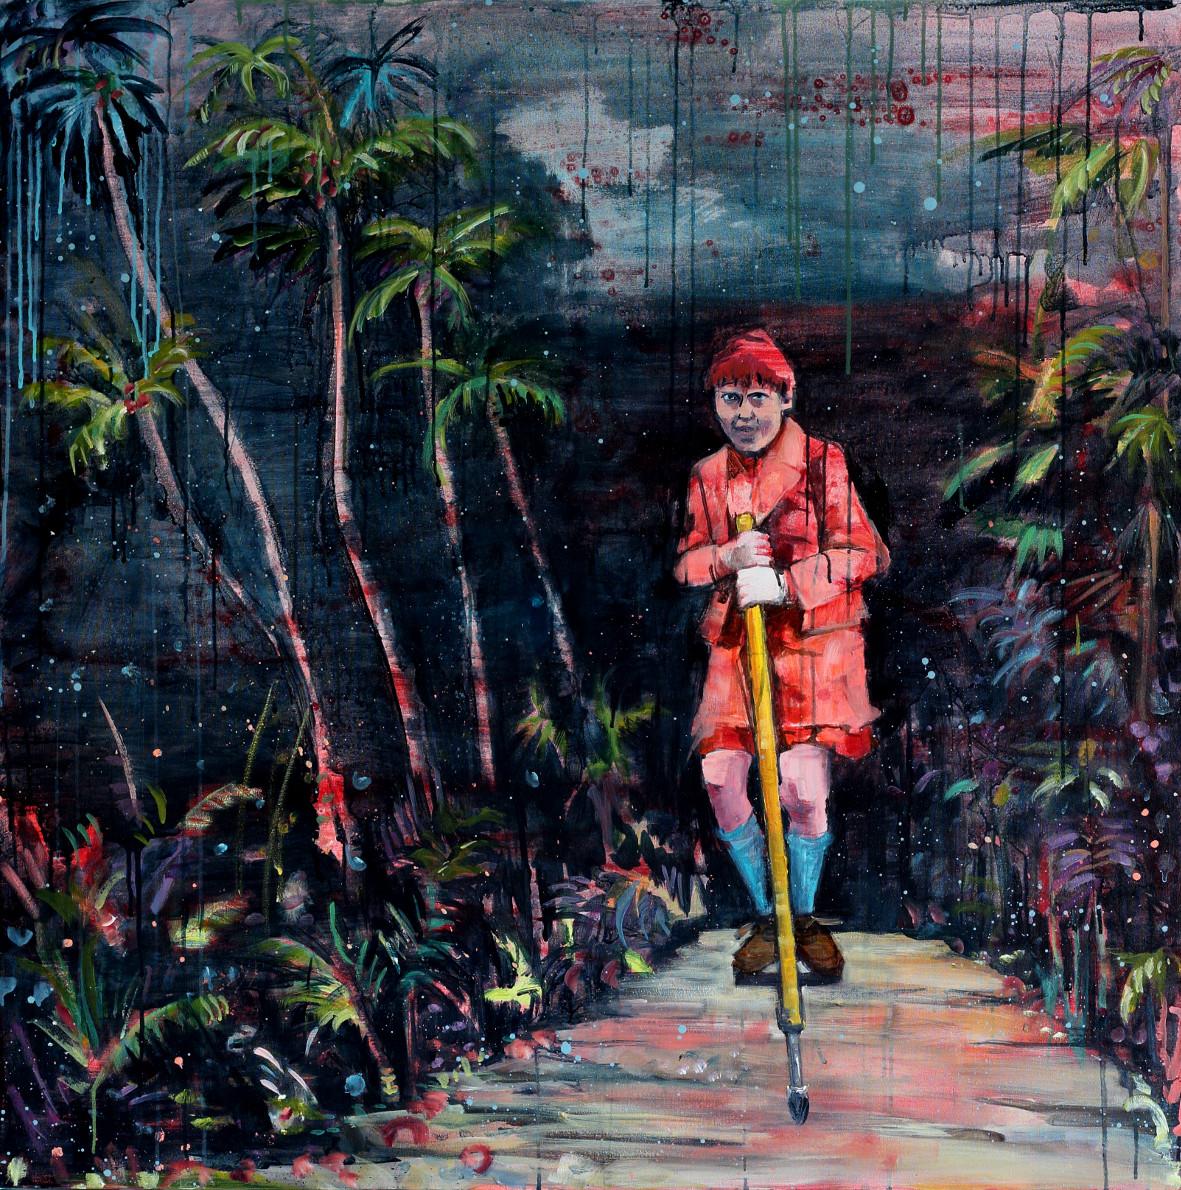 """Kathryn Cowen, """"Bop Bop Bandit Strikes Again"""", 2013, acrylic and ink on canvas, 118 x 118cm"""